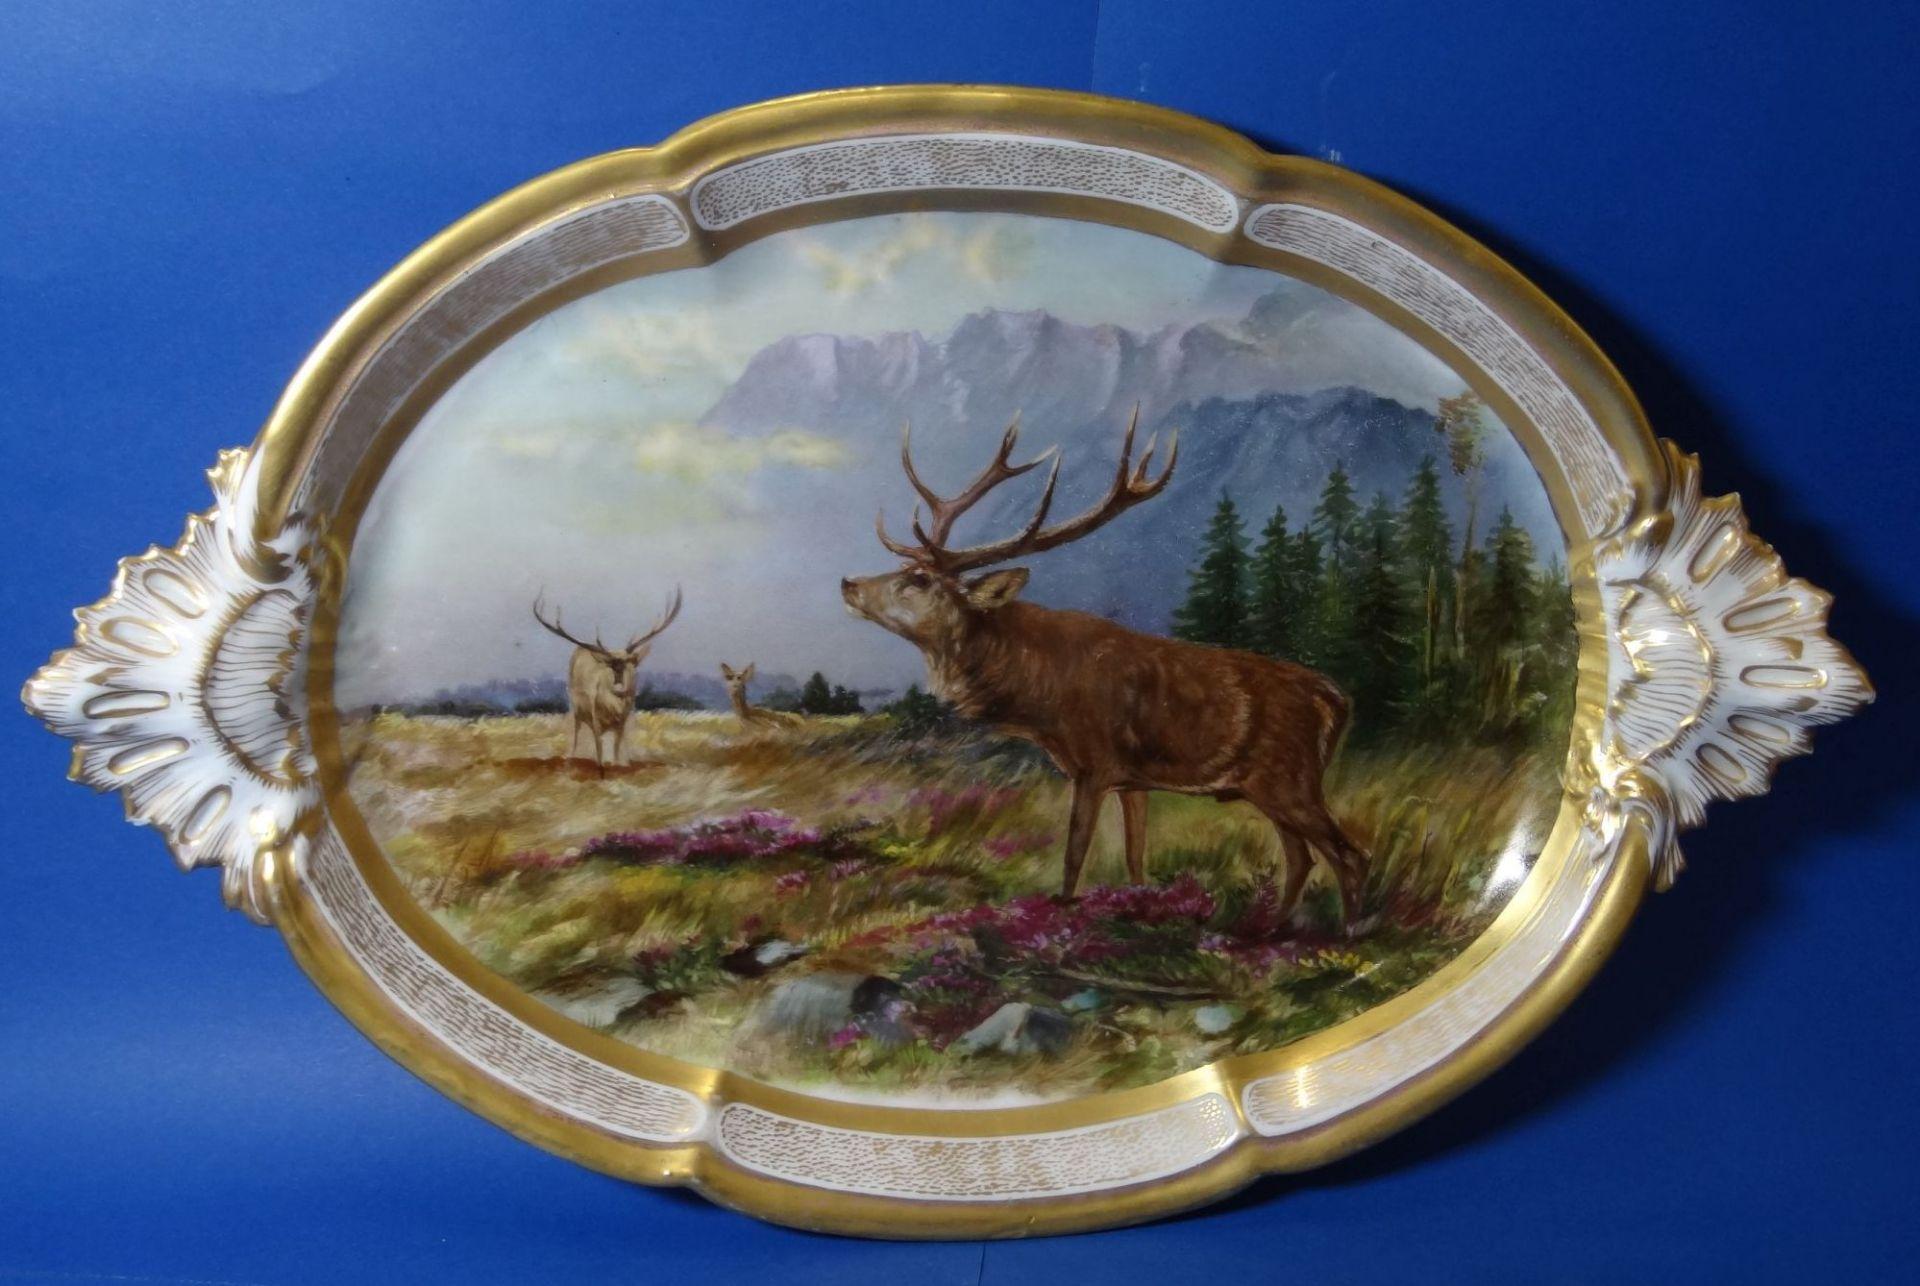 gr. ovale Platte, mit Hirsch-Gruppe,Goldstaffage, L-41 cm, B-27 cm - Bild 6 aus 7